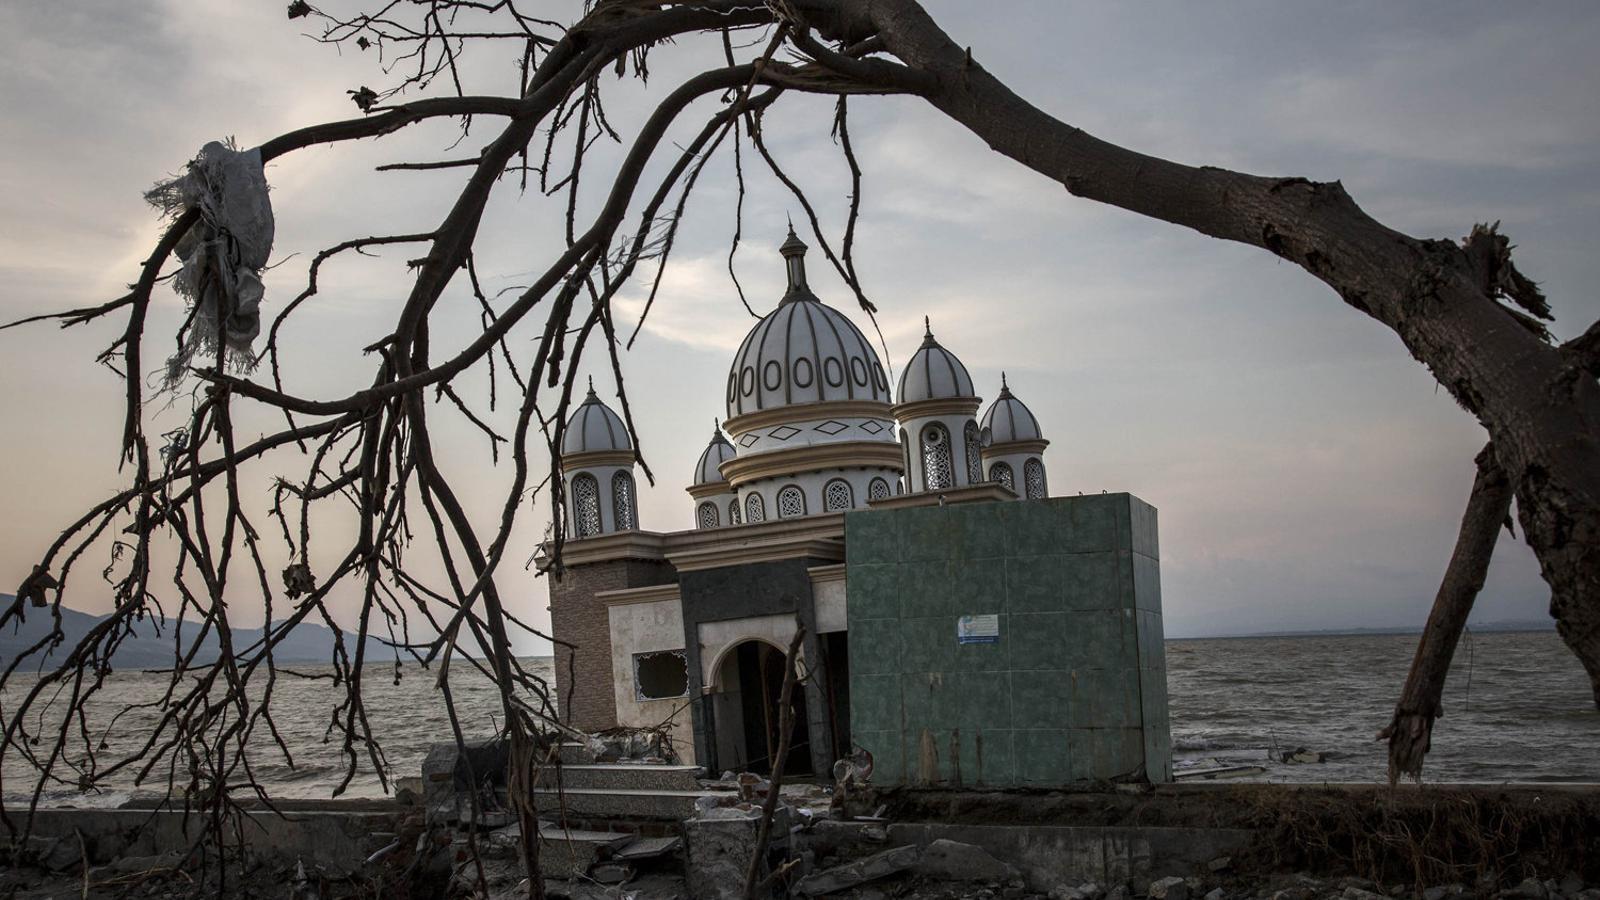 Saquejos i robatoris, el nou tsunami a Indonèsia